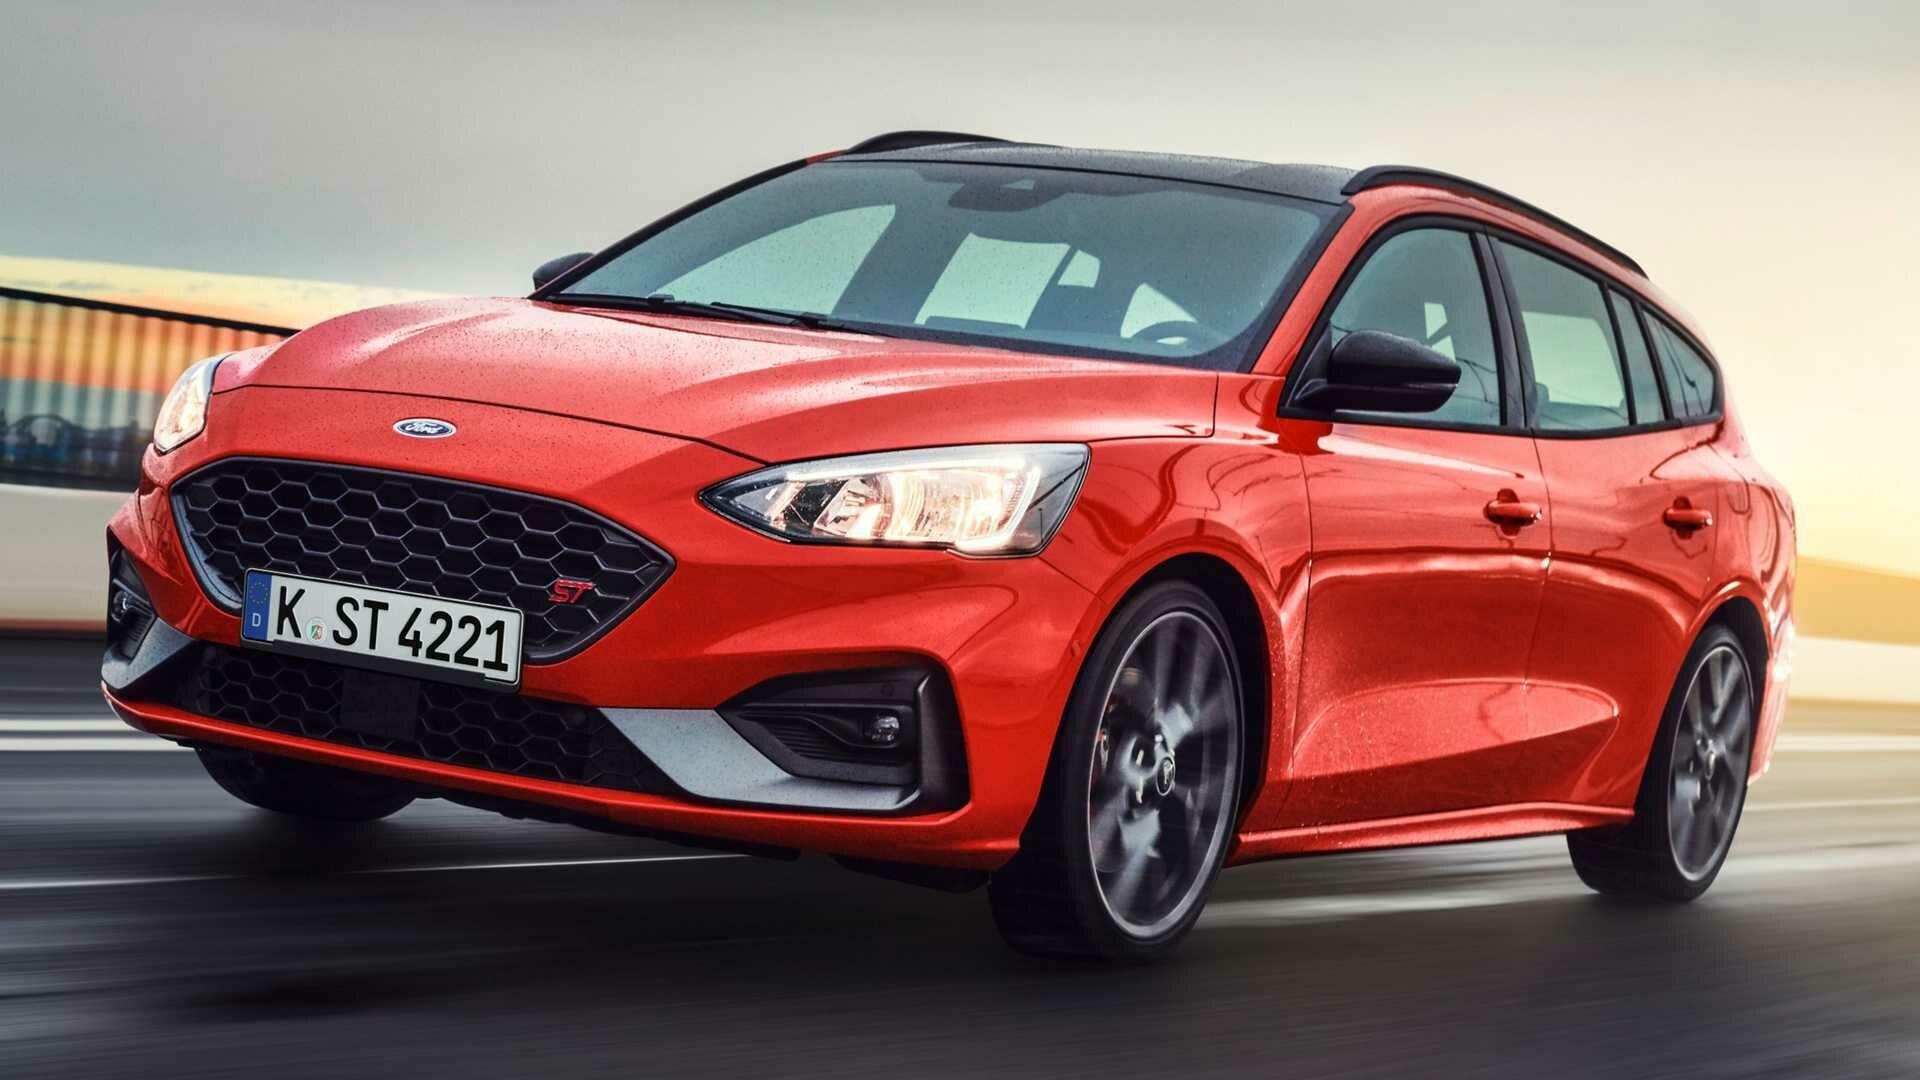 Ford Focus ST – безопасный, просторный и экономичный автомобиль